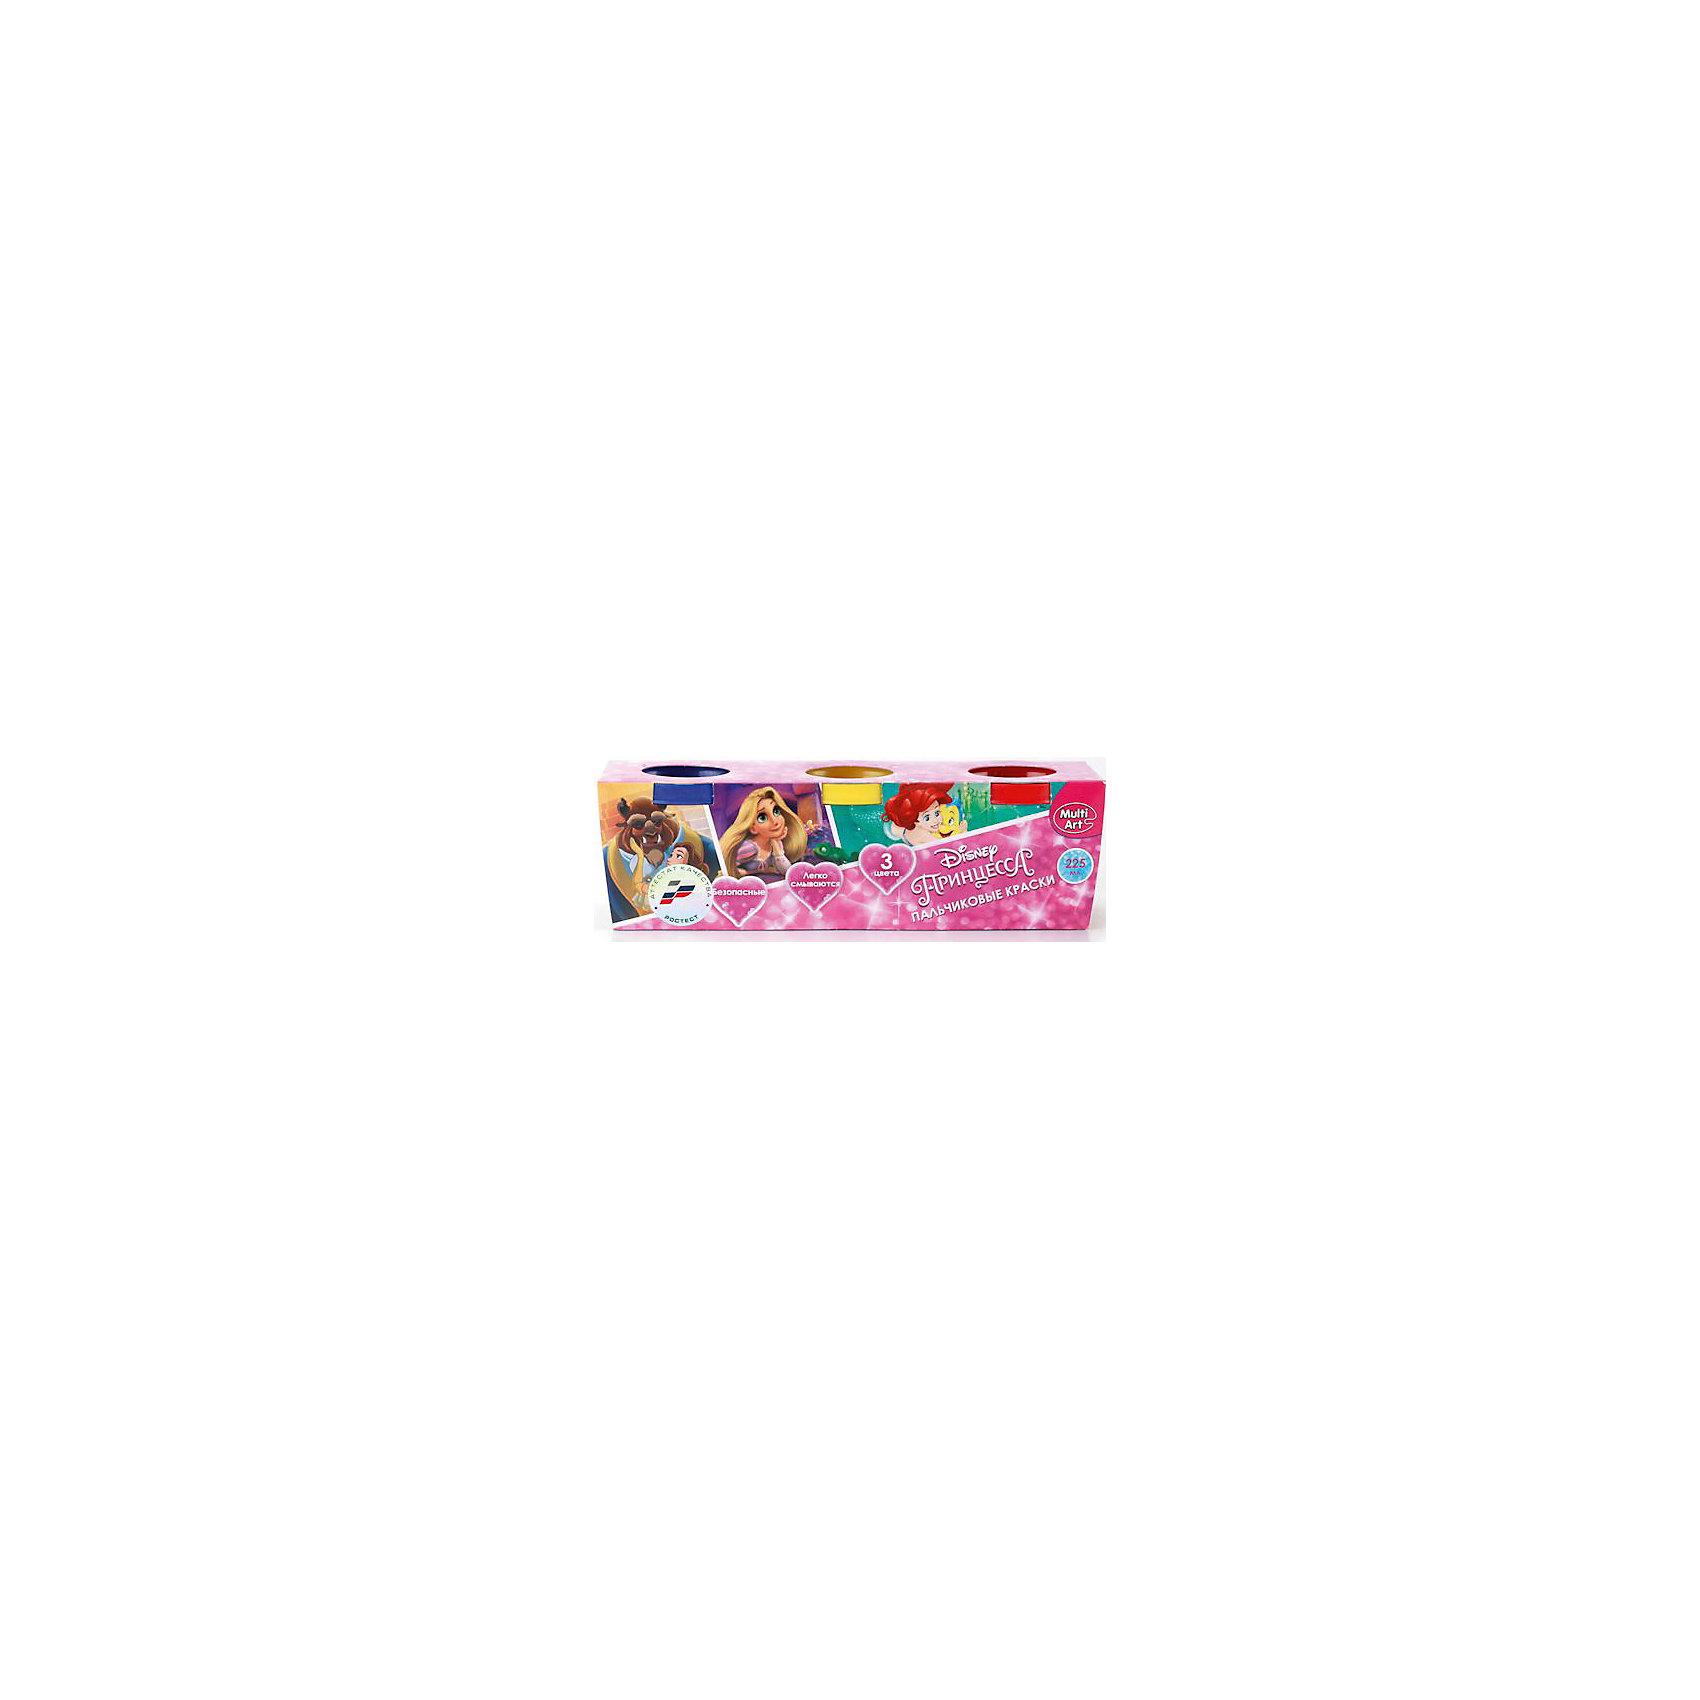 Пальчиковые краски Multiart Disney Принцессы 3штуки по 50мл.Пальчиковые краски<br>Пальчиковые краски MULTIART с изображением любимых Принцесс DISNEY на упаковке. В упаковке 3 цвета по 50 мл. Цвета: красный, желтый, синий. Краски нетоксичны и абсолютно безопасны для детей. Легко отстирываются и смываются водой.<br><br>Ширина мм: 50<br>Глубина мм: 60<br>Высота мм: 160<br>Вес г: 220<br>Возраст от месяцев: 12<br>Возраст до месяцев: 60<br>Пол: Женский<br>Возраст: Детский<br>SKU: 5396499